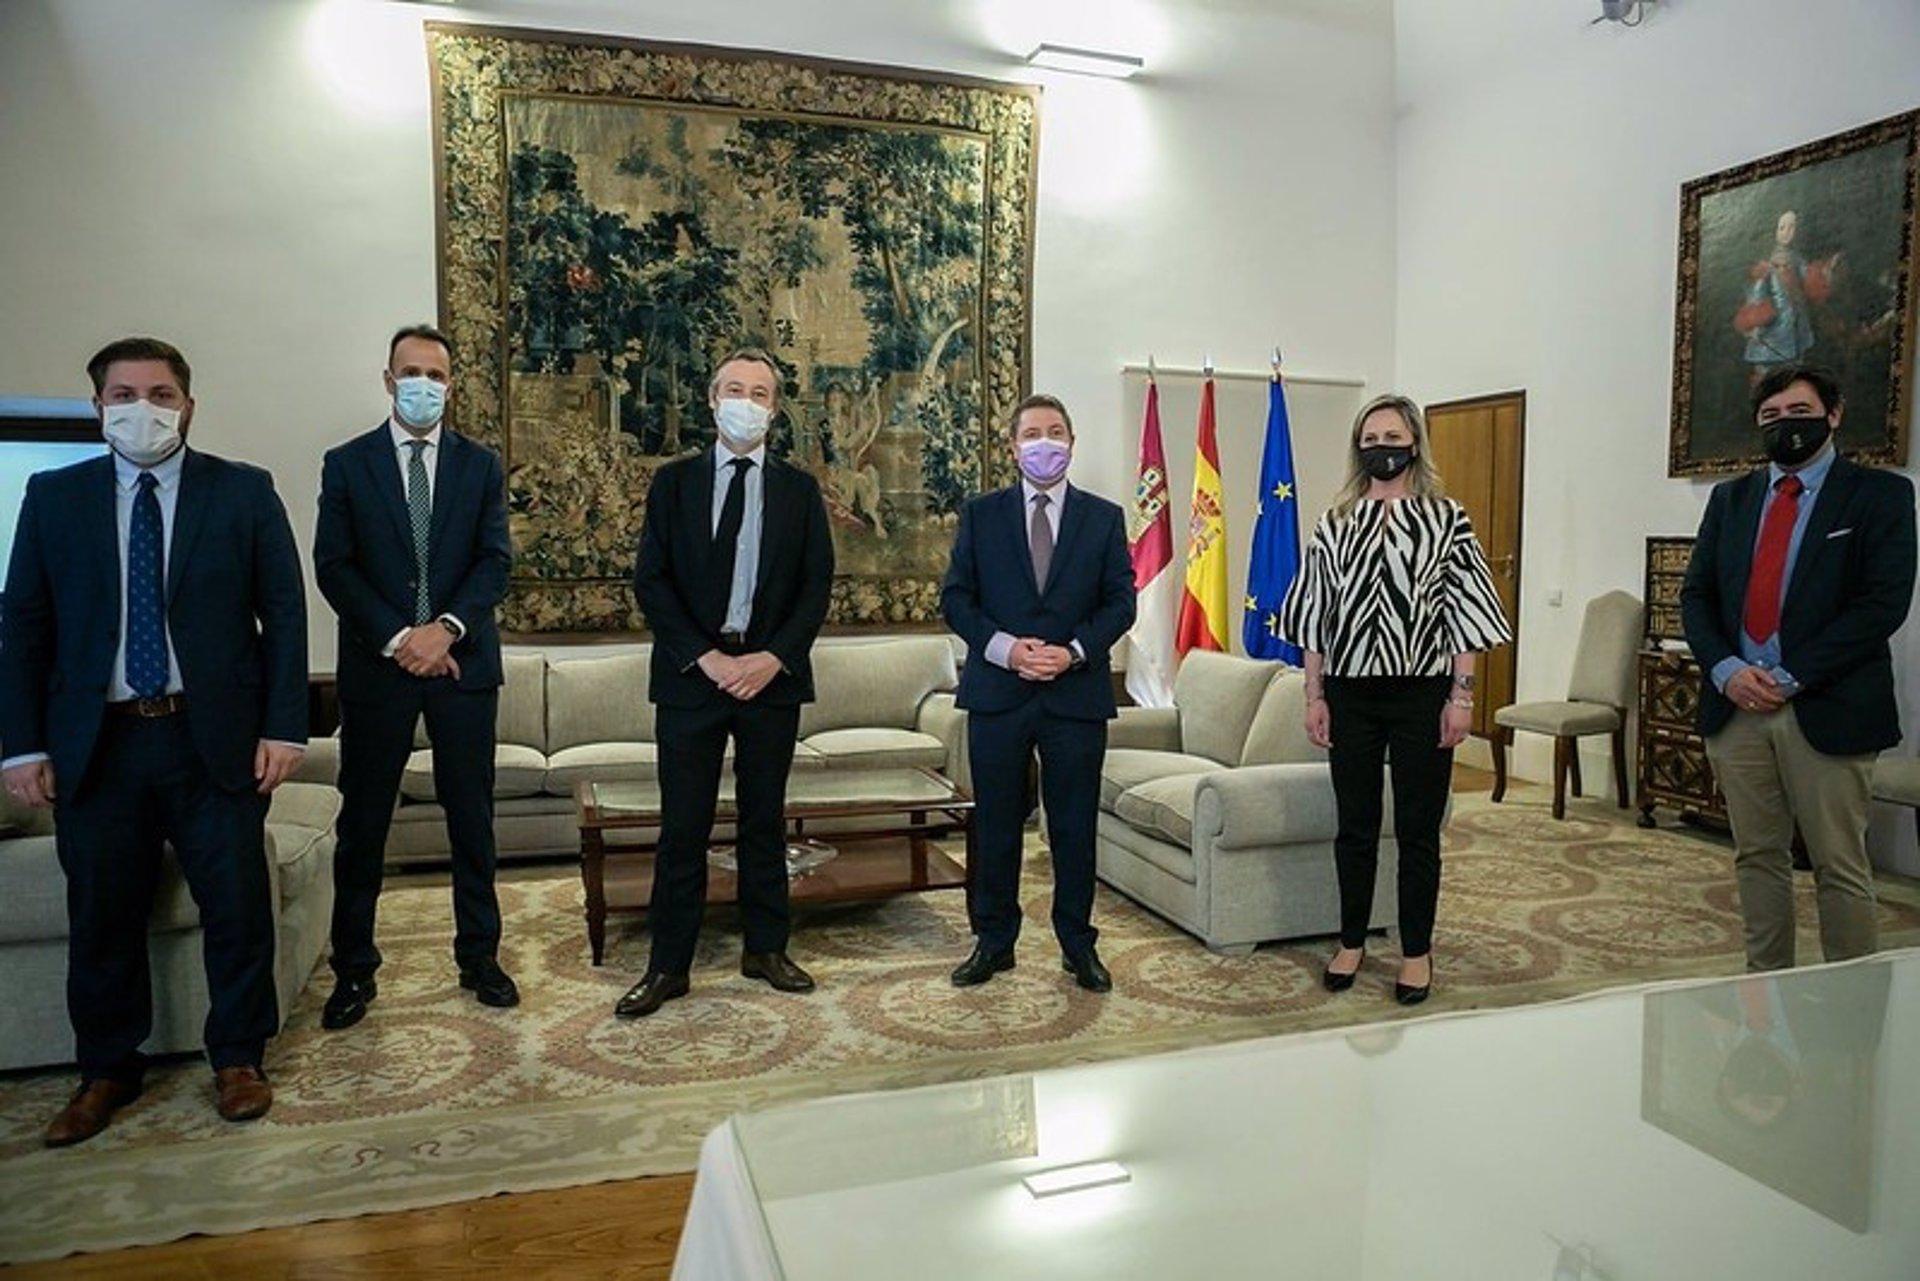 El presidente de Castilla-La Mancha, Emiliano García-Page se ha reunido junto con el consejero de Fomento, Nacho Hernando, y la alcaldesa de Seseña, Silvia Fernández, así como con los representantes de la empresa Proequity